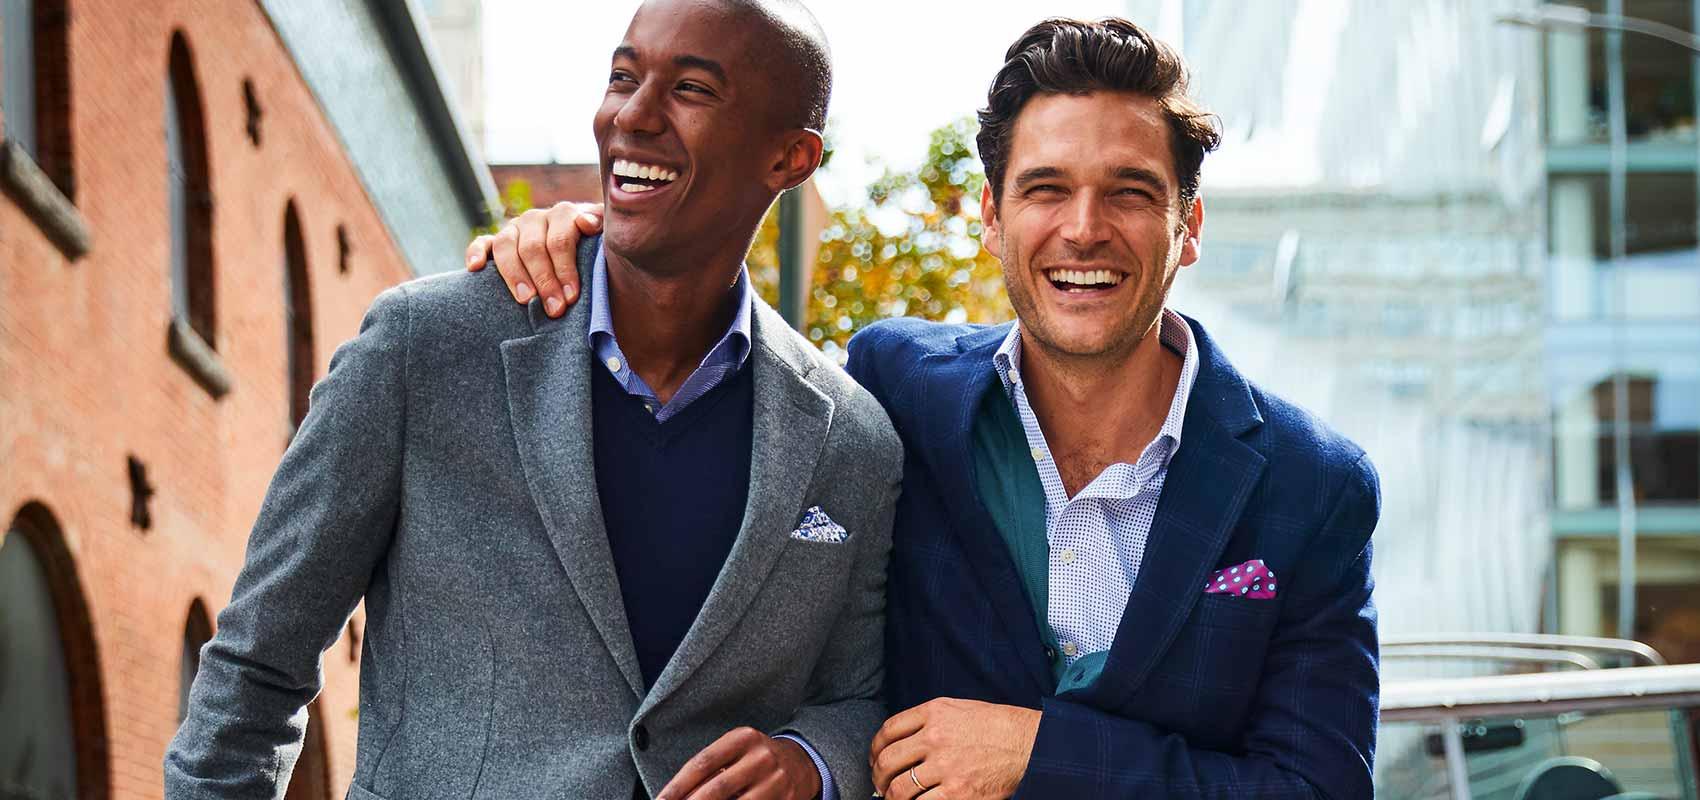 Charles Tyrwhitt men's business casual style